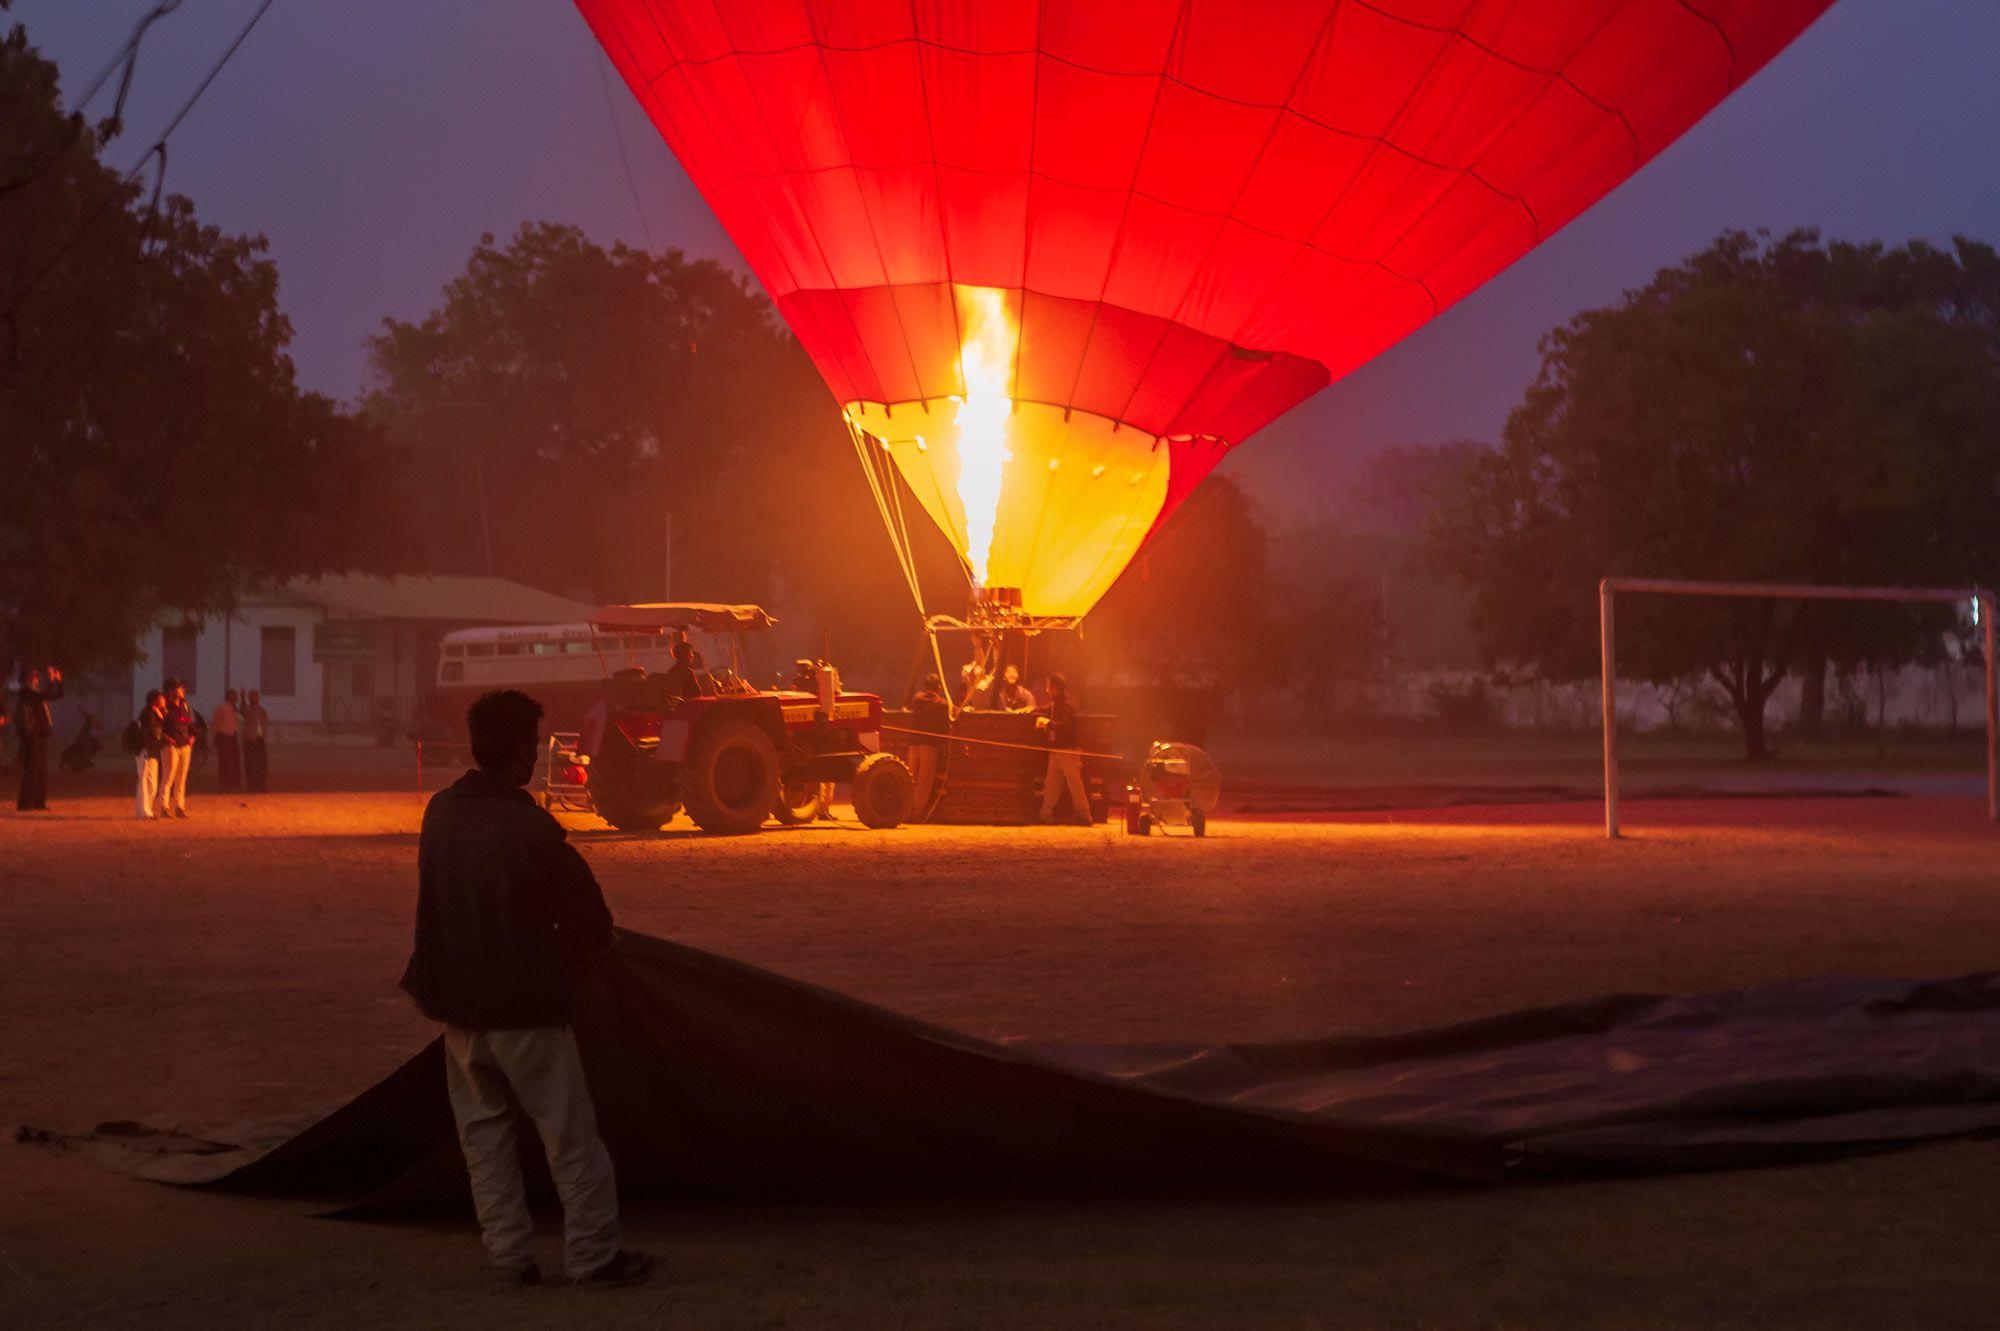 Heissluftballon in Startposition